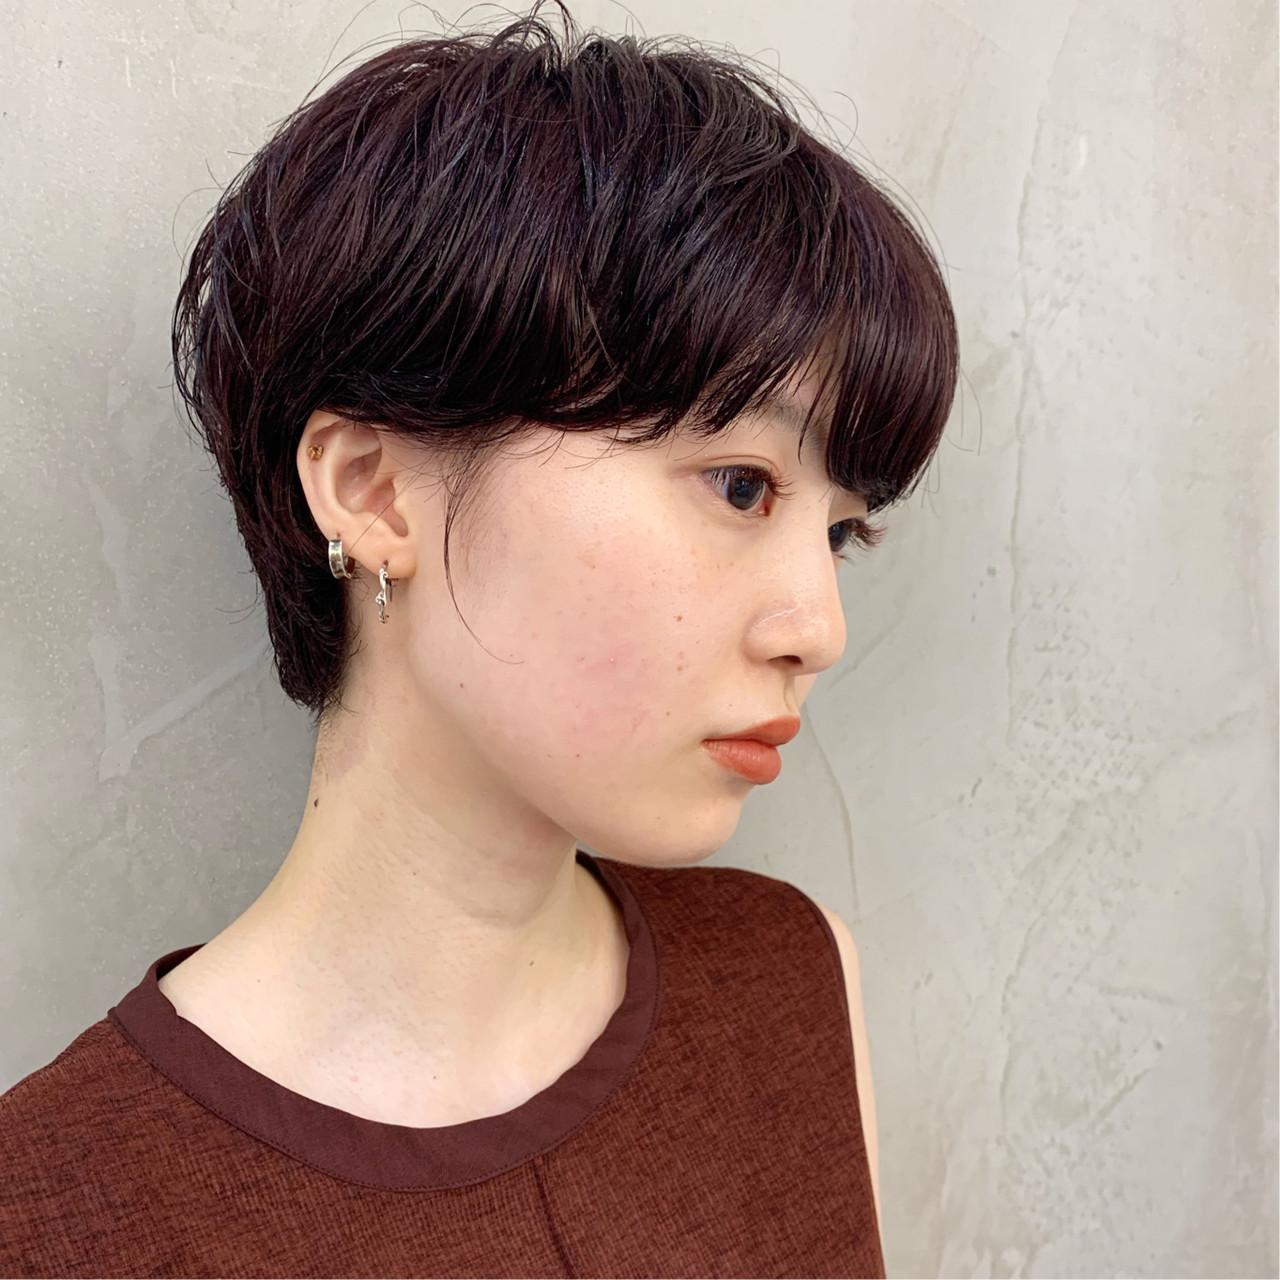 透明感 ショートヘア 上品 ショートボブ ヘアスタイルや髪型の写真・画像